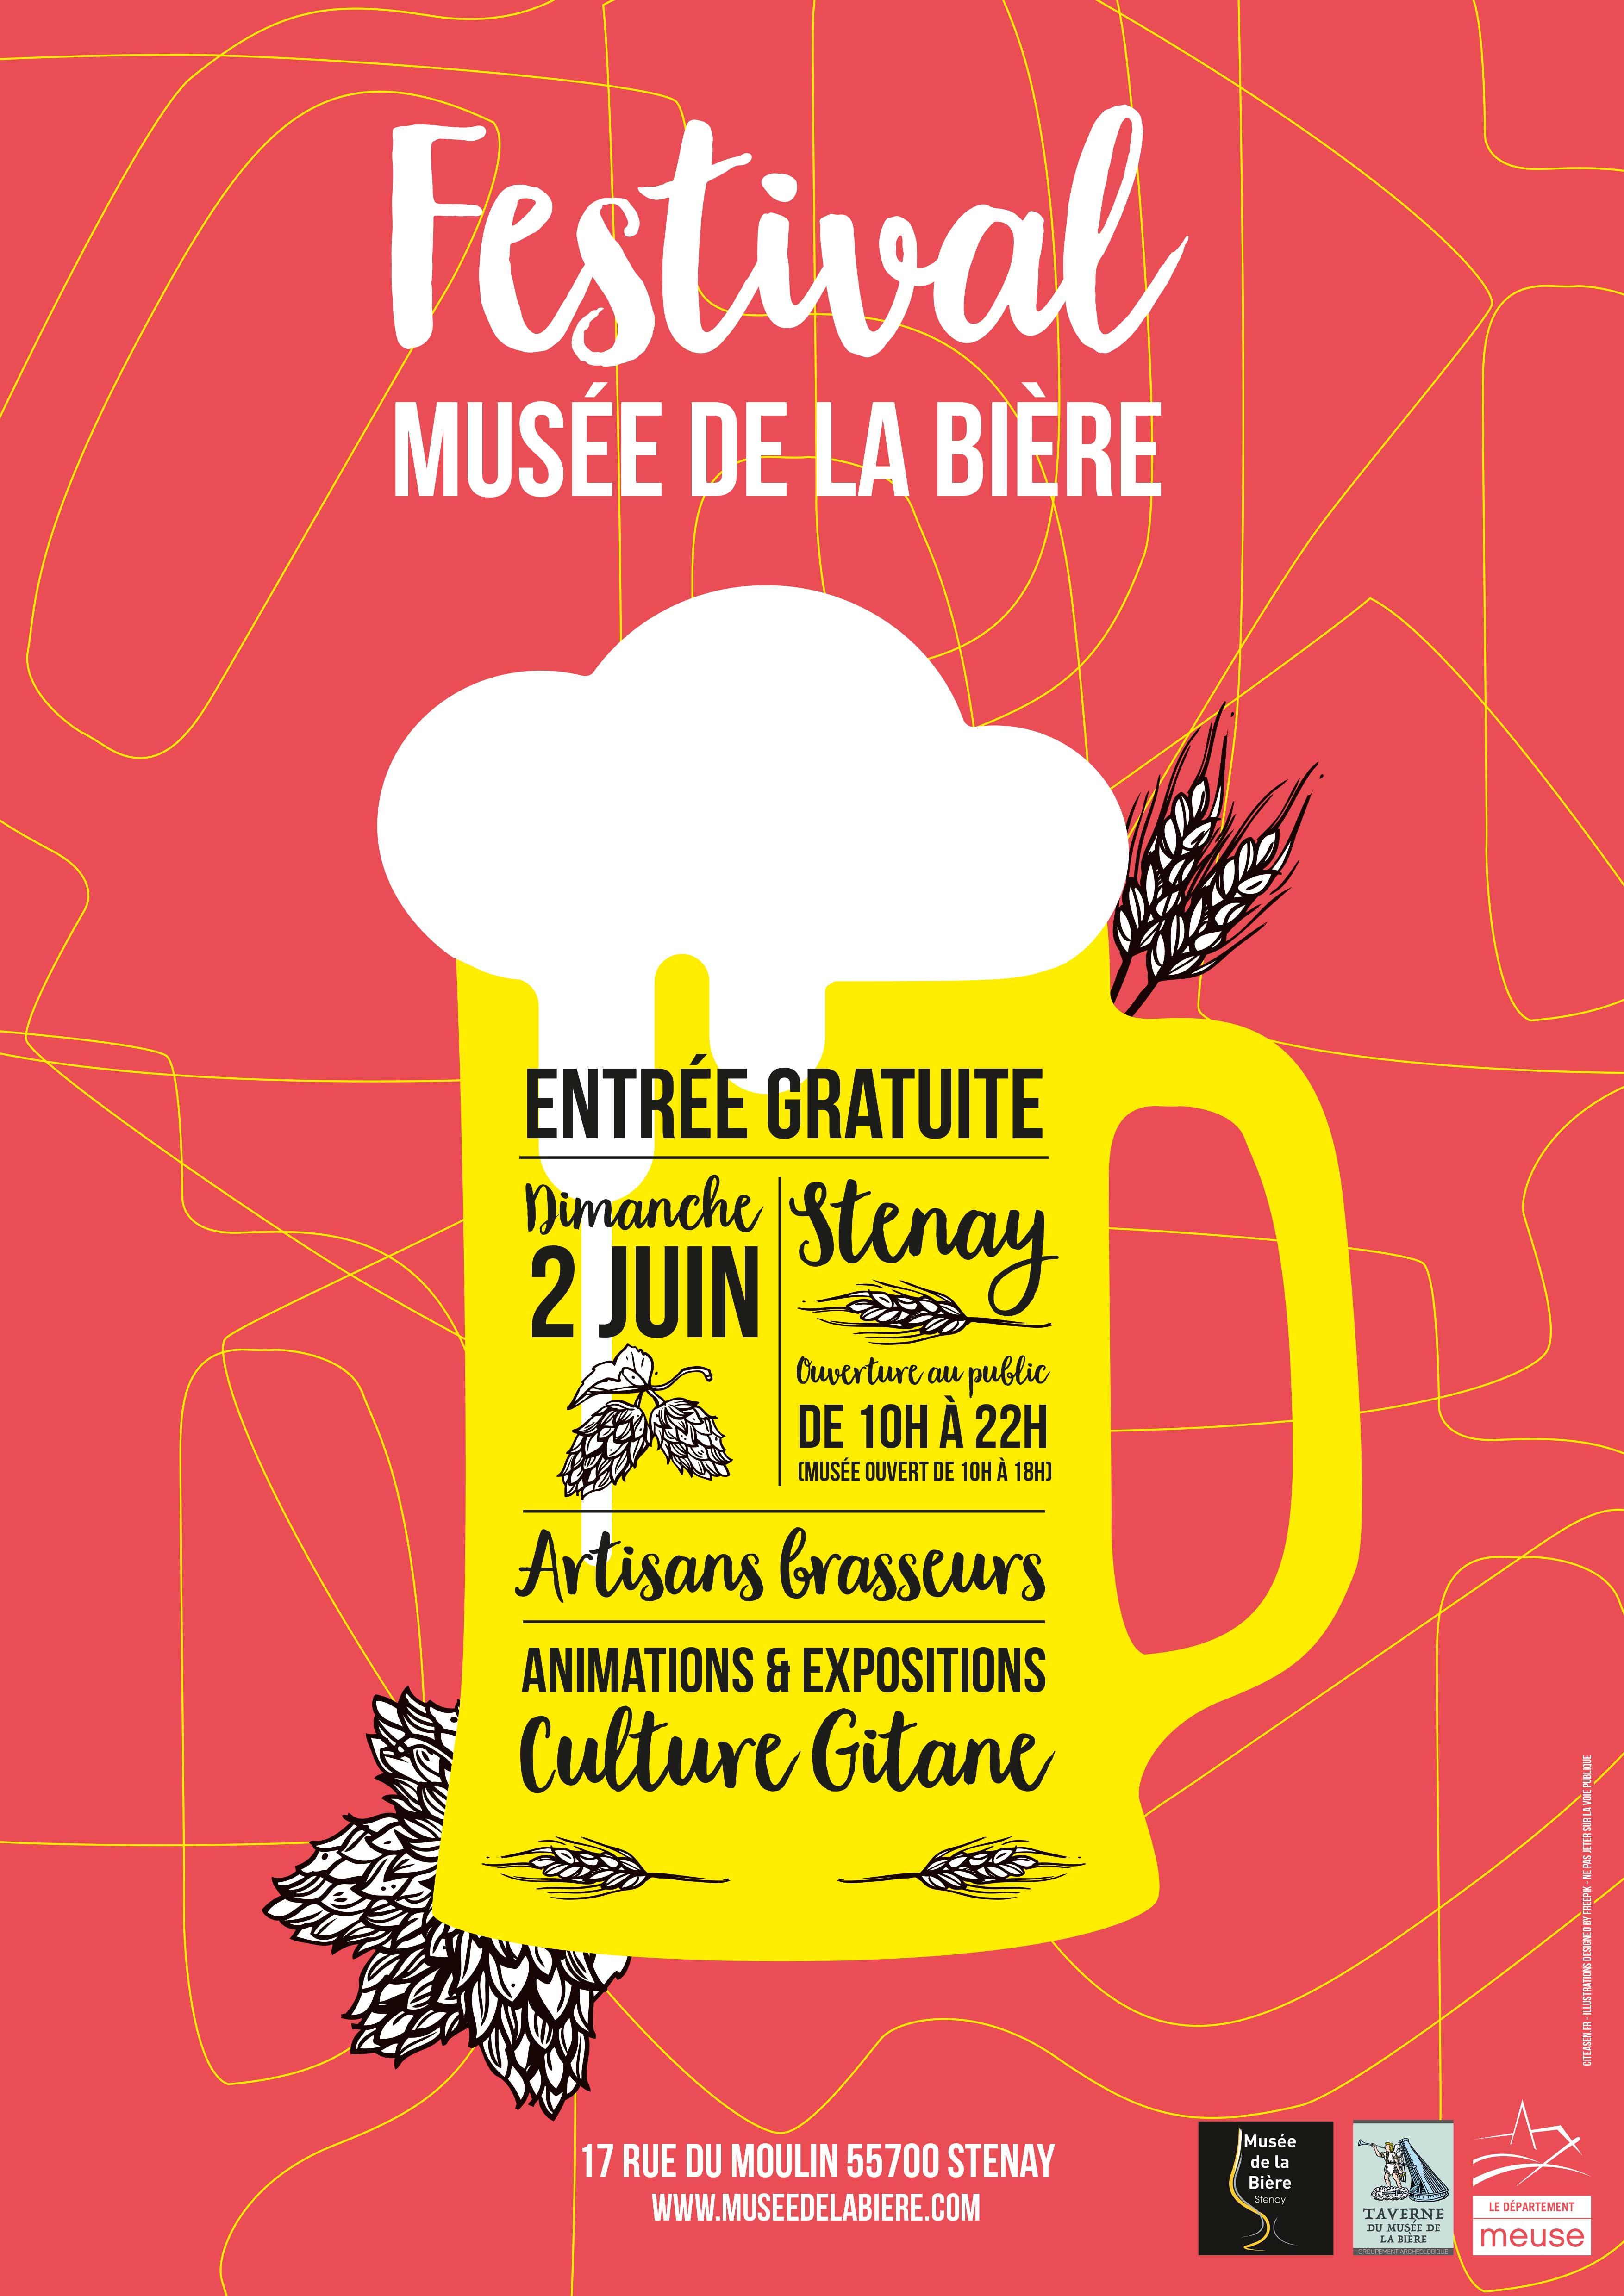 Affiche du troisième festival du Musée de la Bière à Stenay